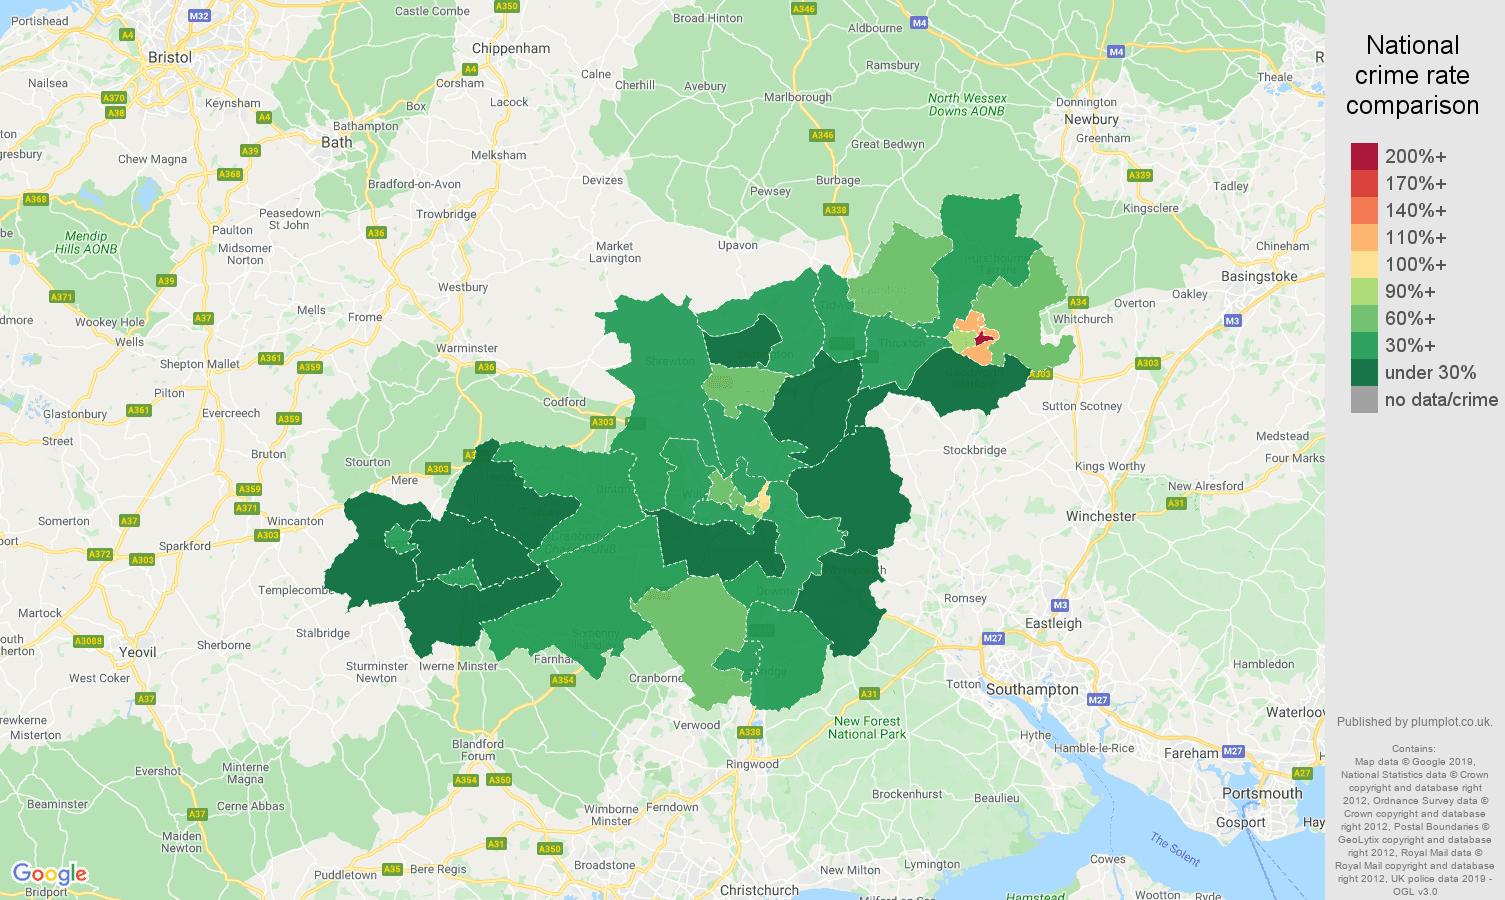 Salisbury public order crime rate comparison map